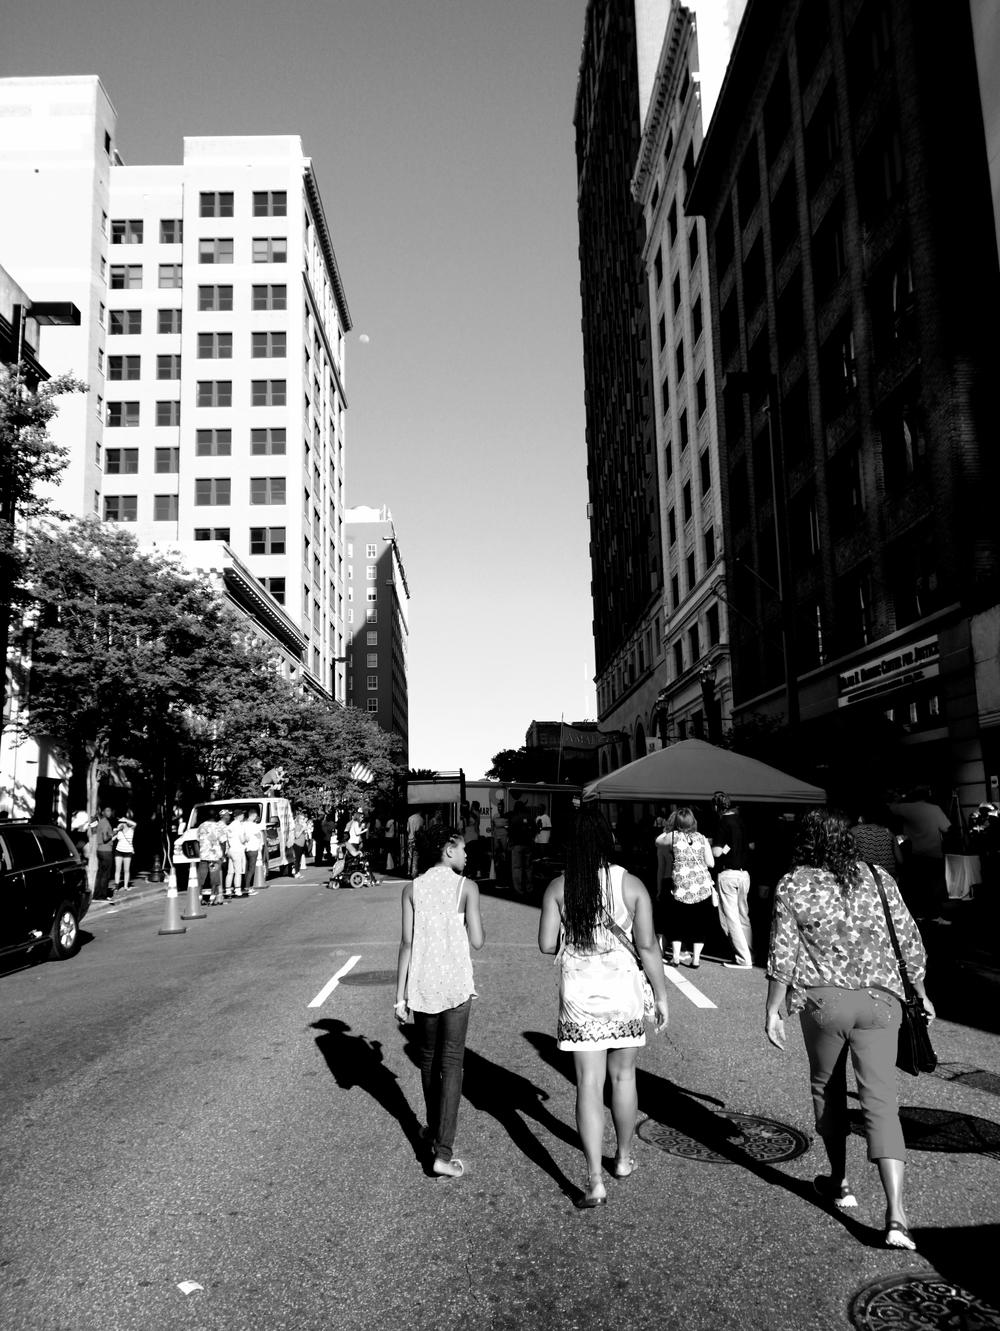 On Main Street